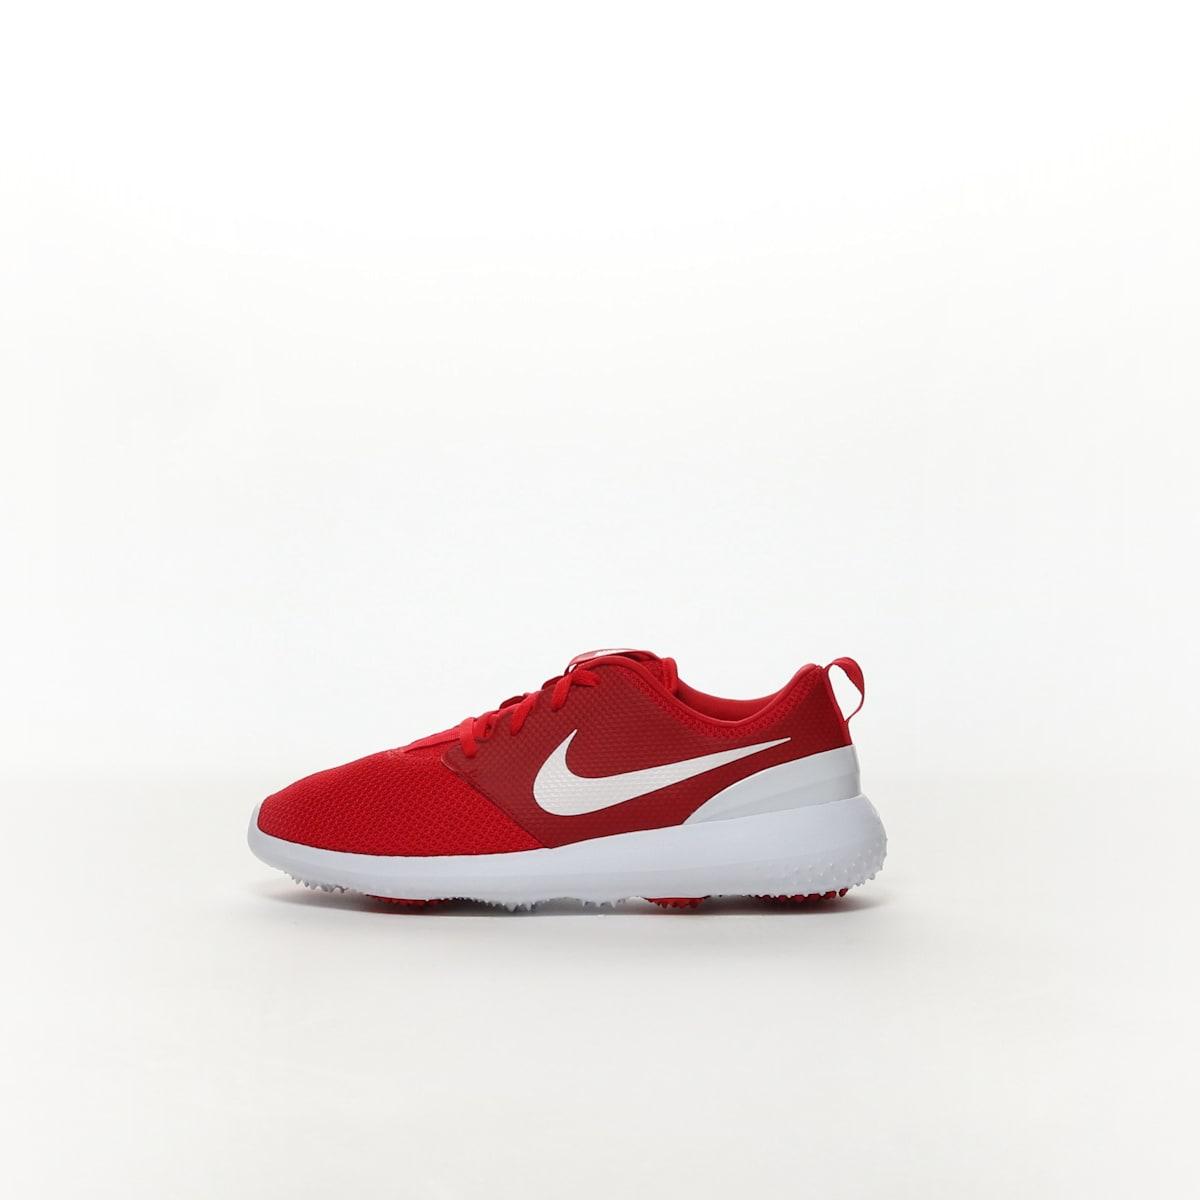 c48b8f162d32c Nike Roshe G Men s Golf Shoe - UNIVERSITY RED WHITE – Resku